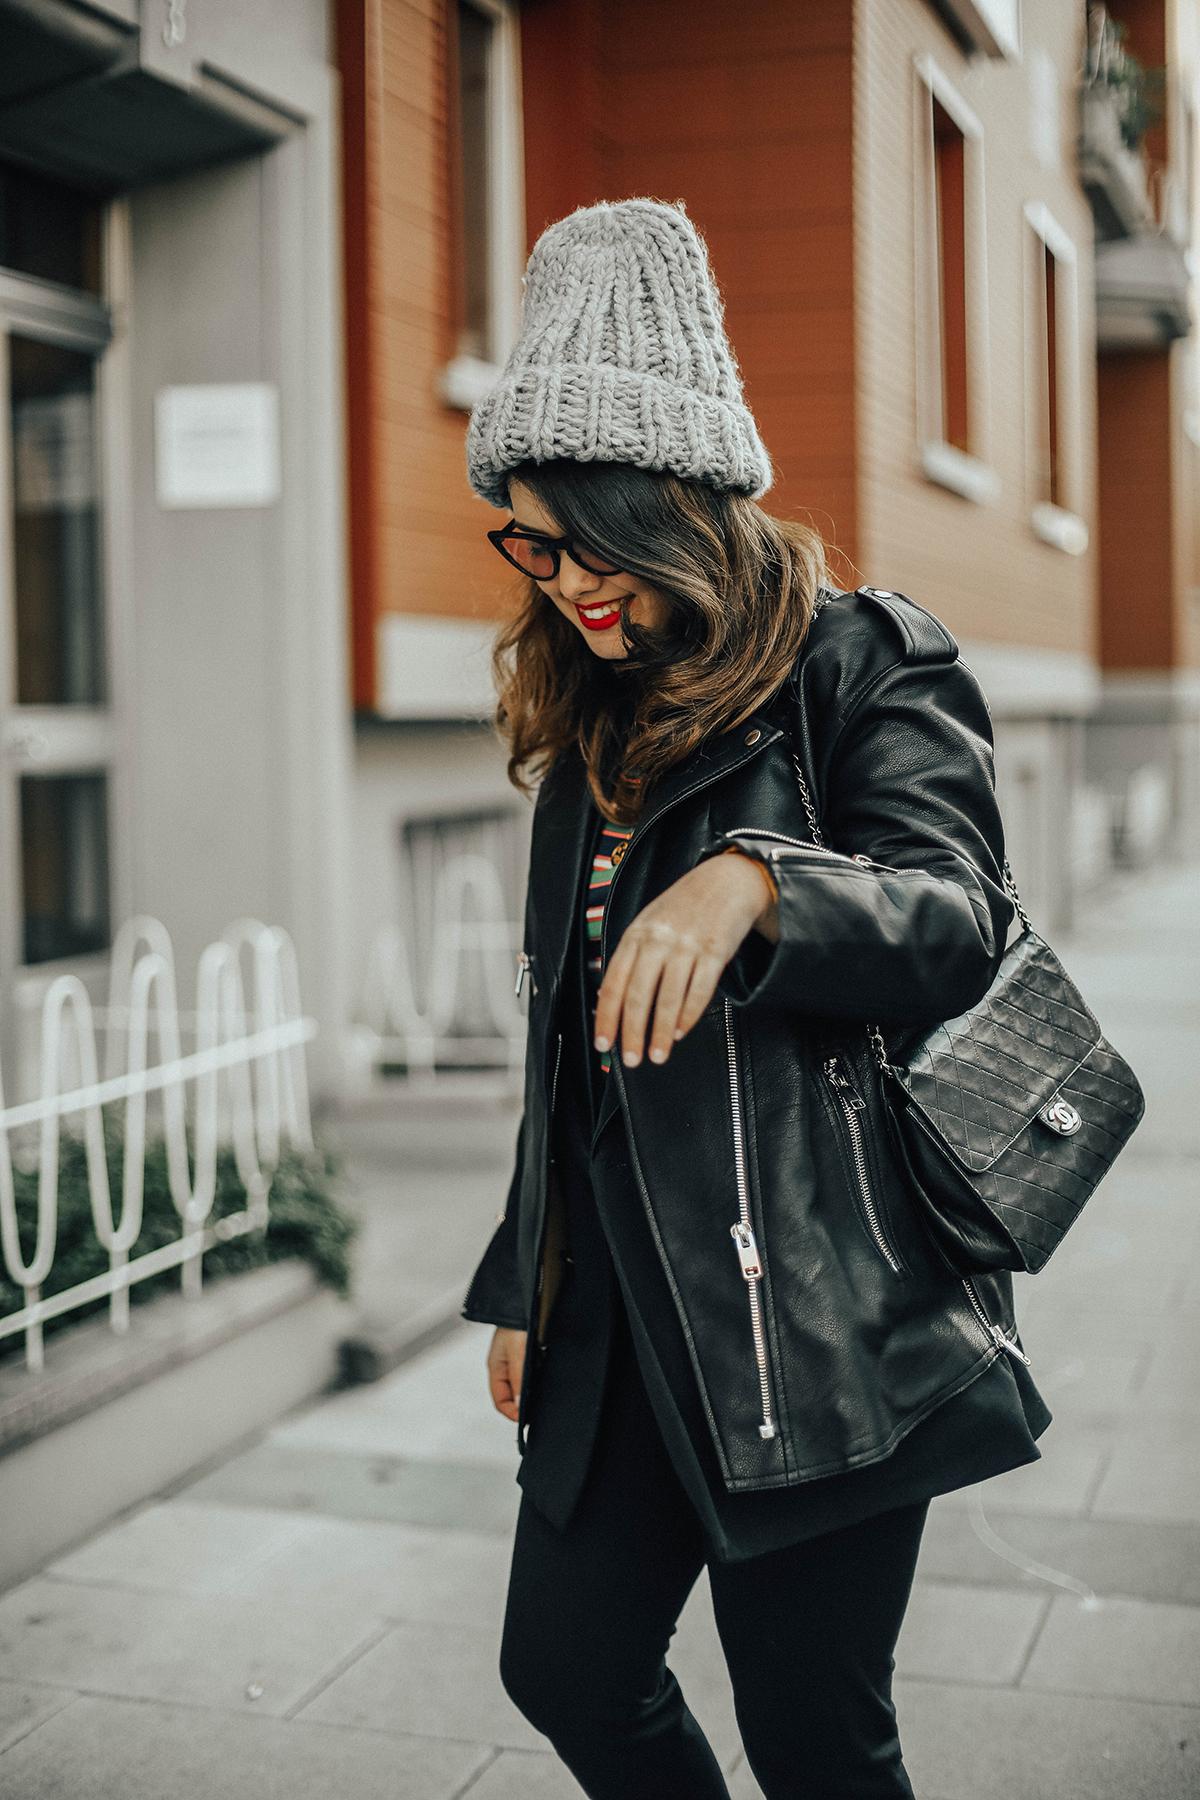 gigi-x-vogue-eyewear-cat-eye-sunglasses-streetstyle-myblueberrynightsblog